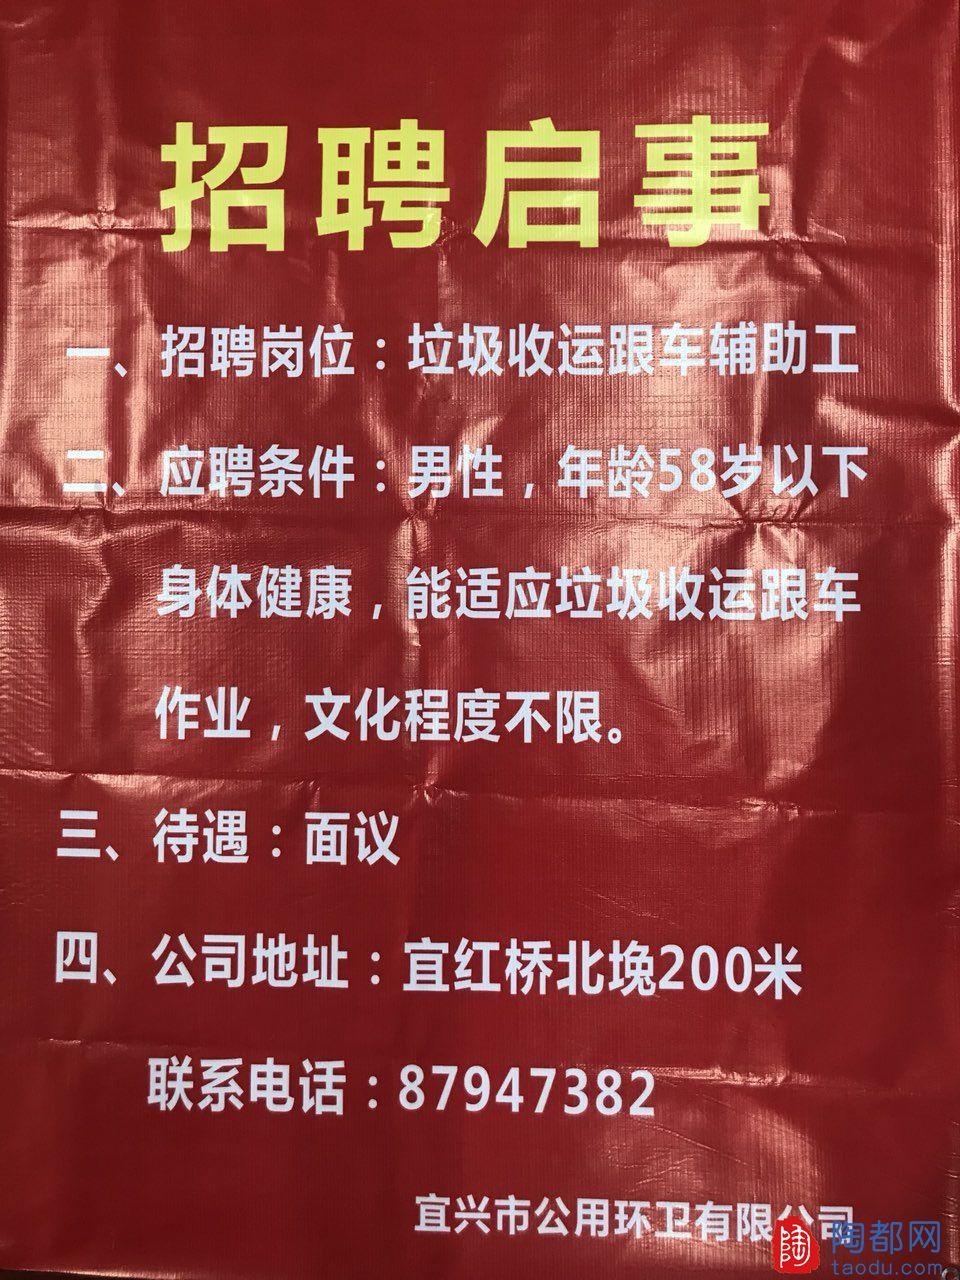 宜兴市公用环卫有限公司招工启示